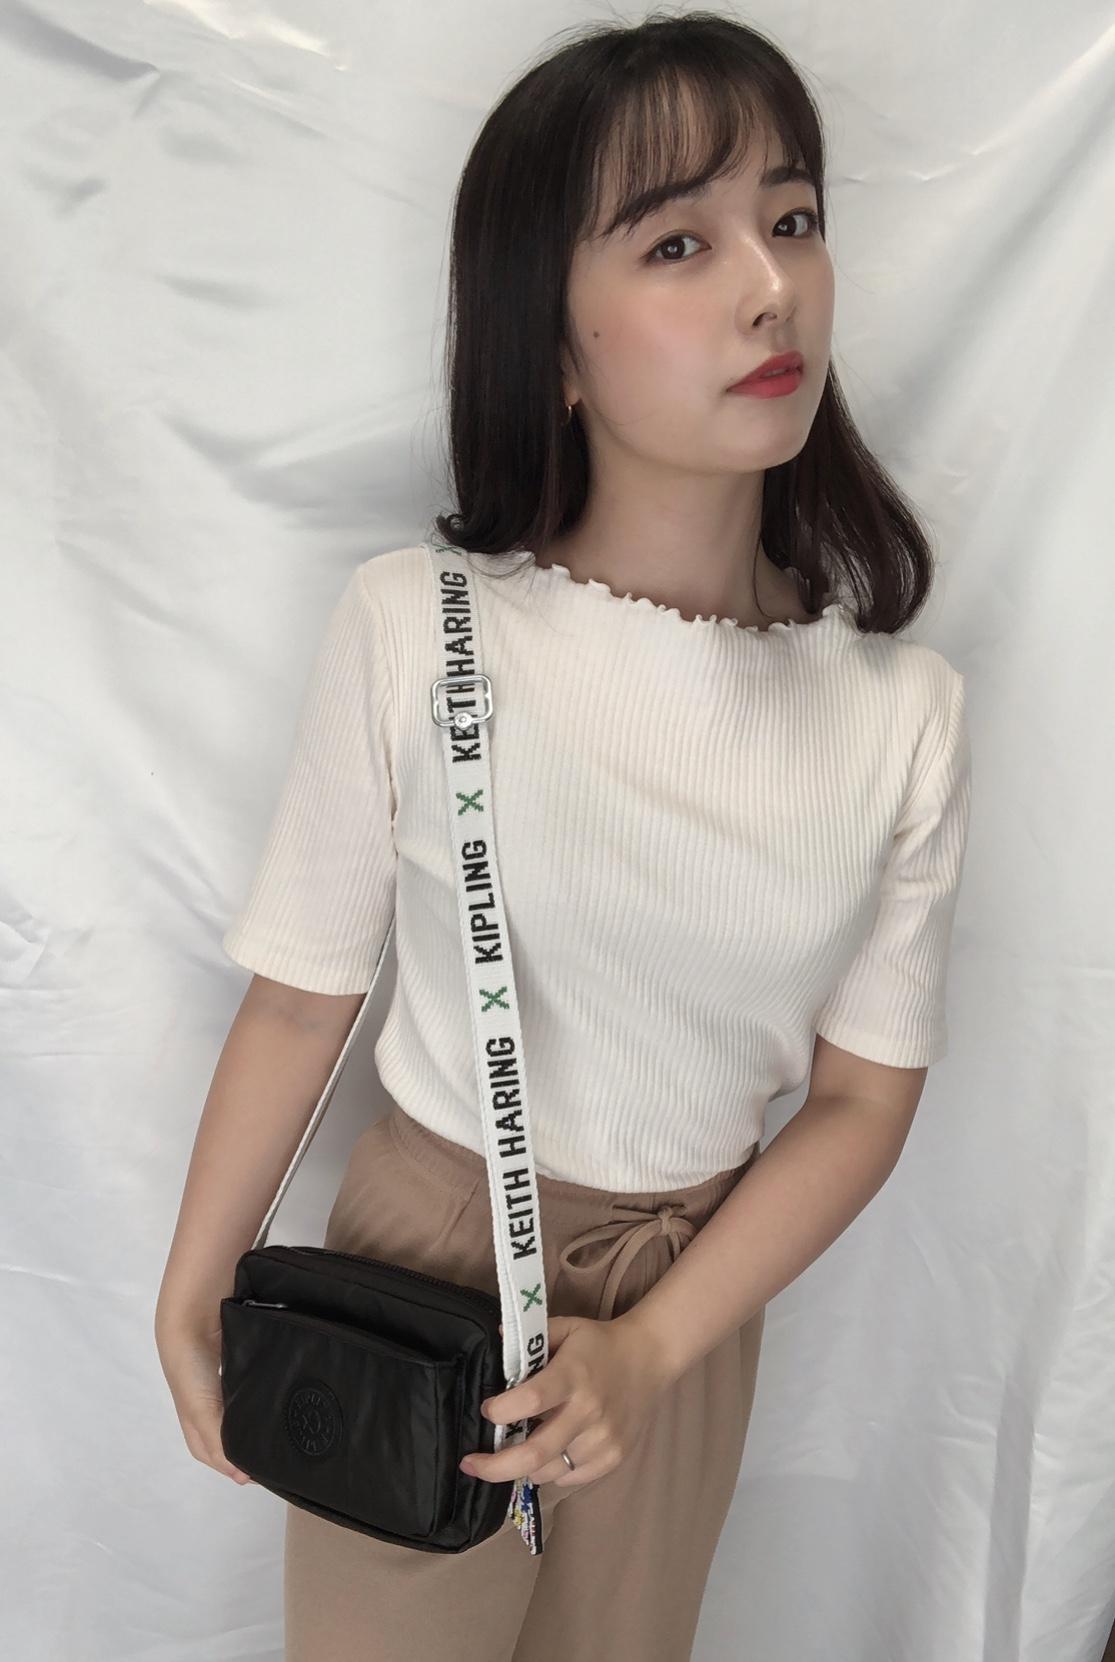 【新作】Kipling×Keith Haring コラボバッグがカジュアルで可愛い♡_5